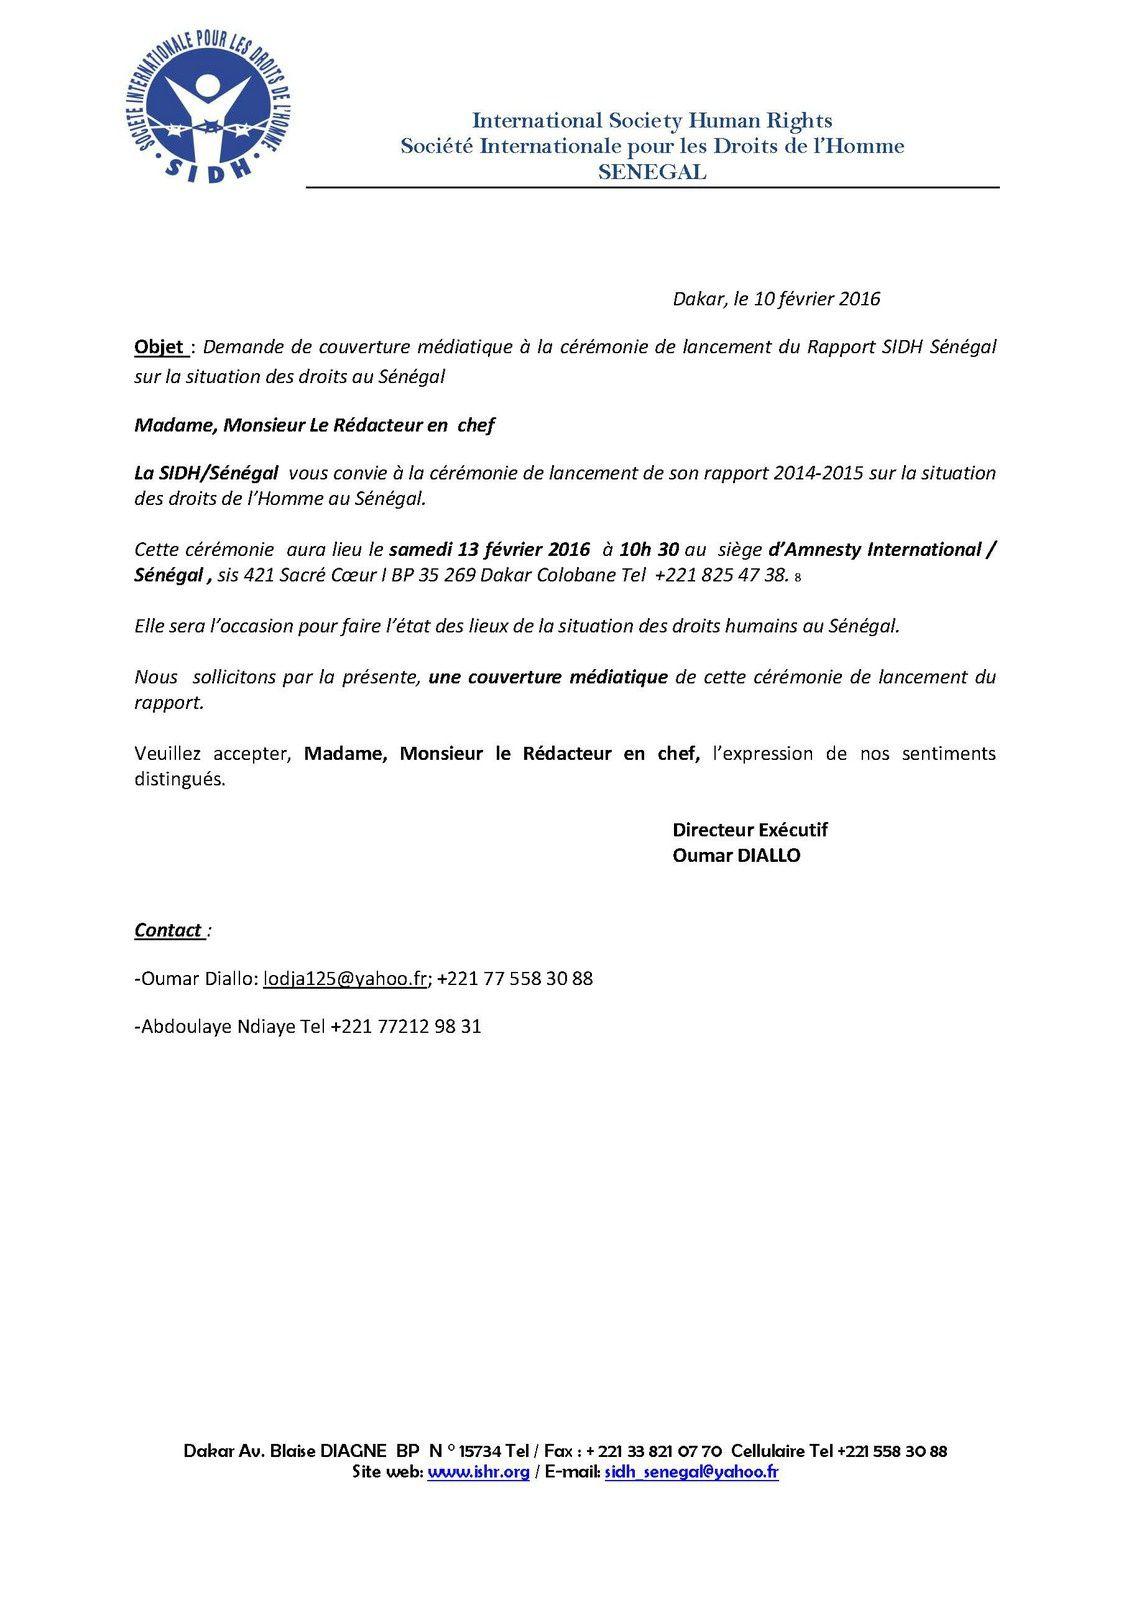 Invitation /Presse de la SIDH